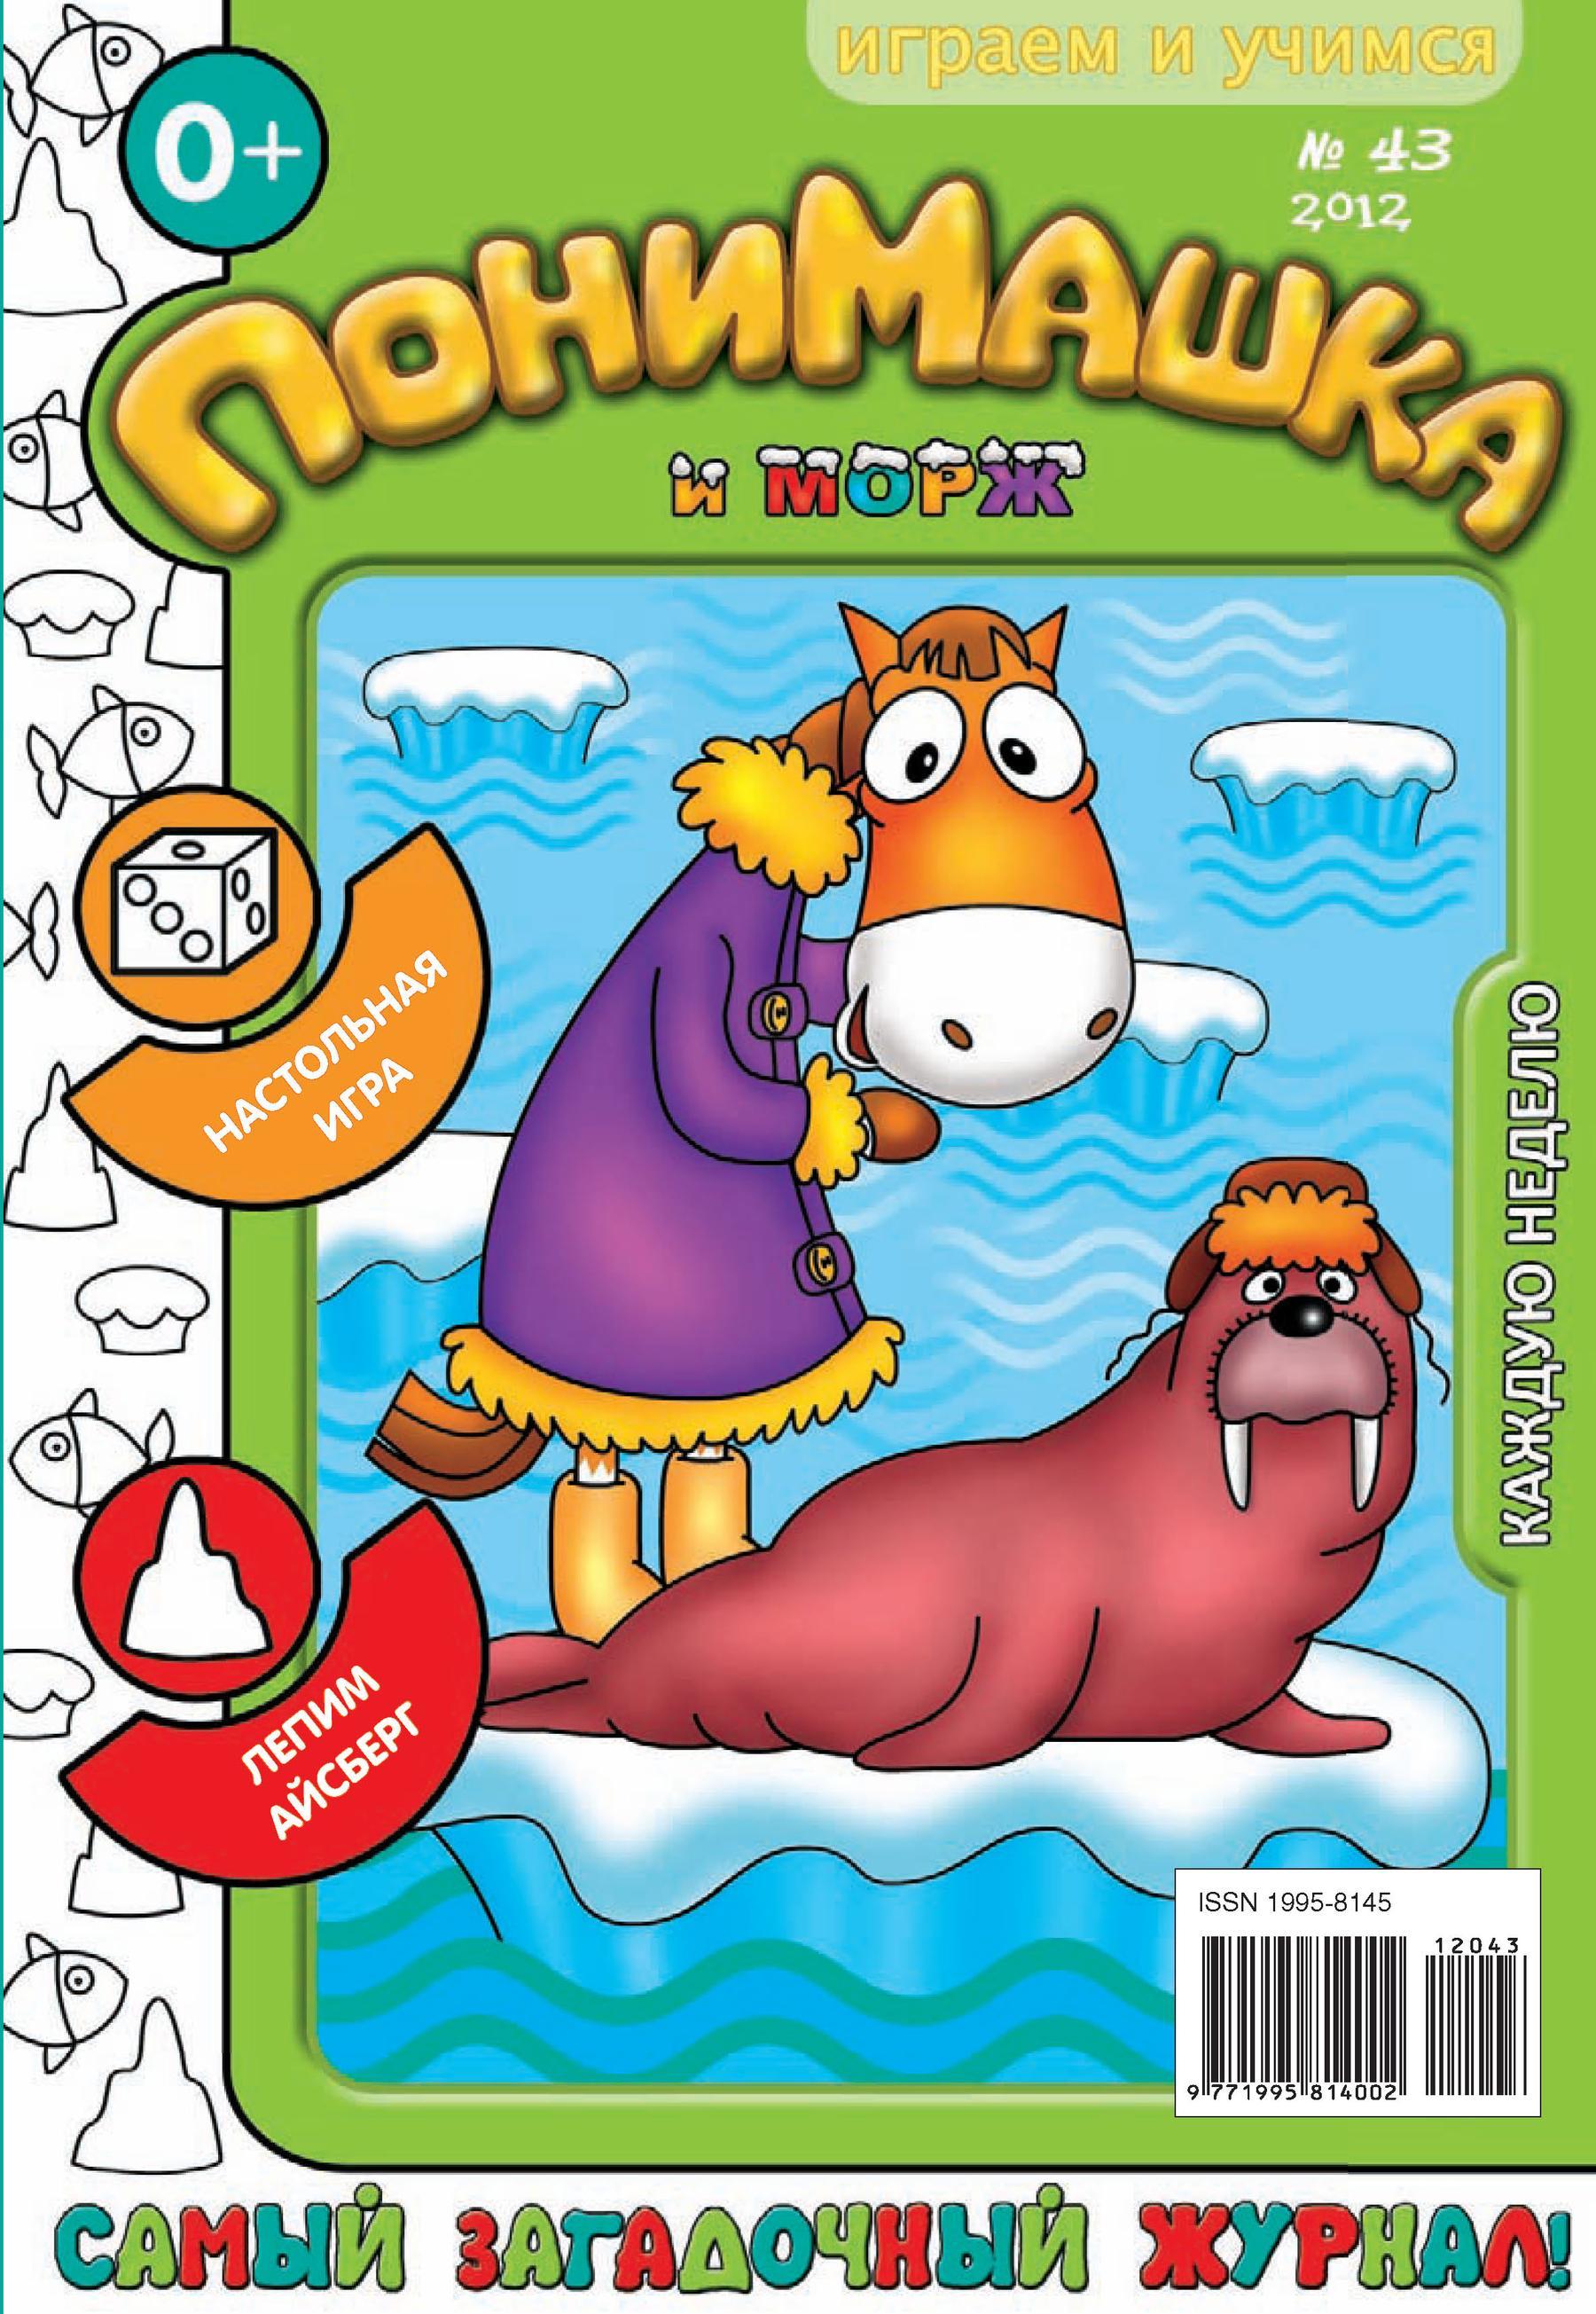 ПониМашка. Развлекательно-развивающий журнал. № 43 (ноябрь) 2012